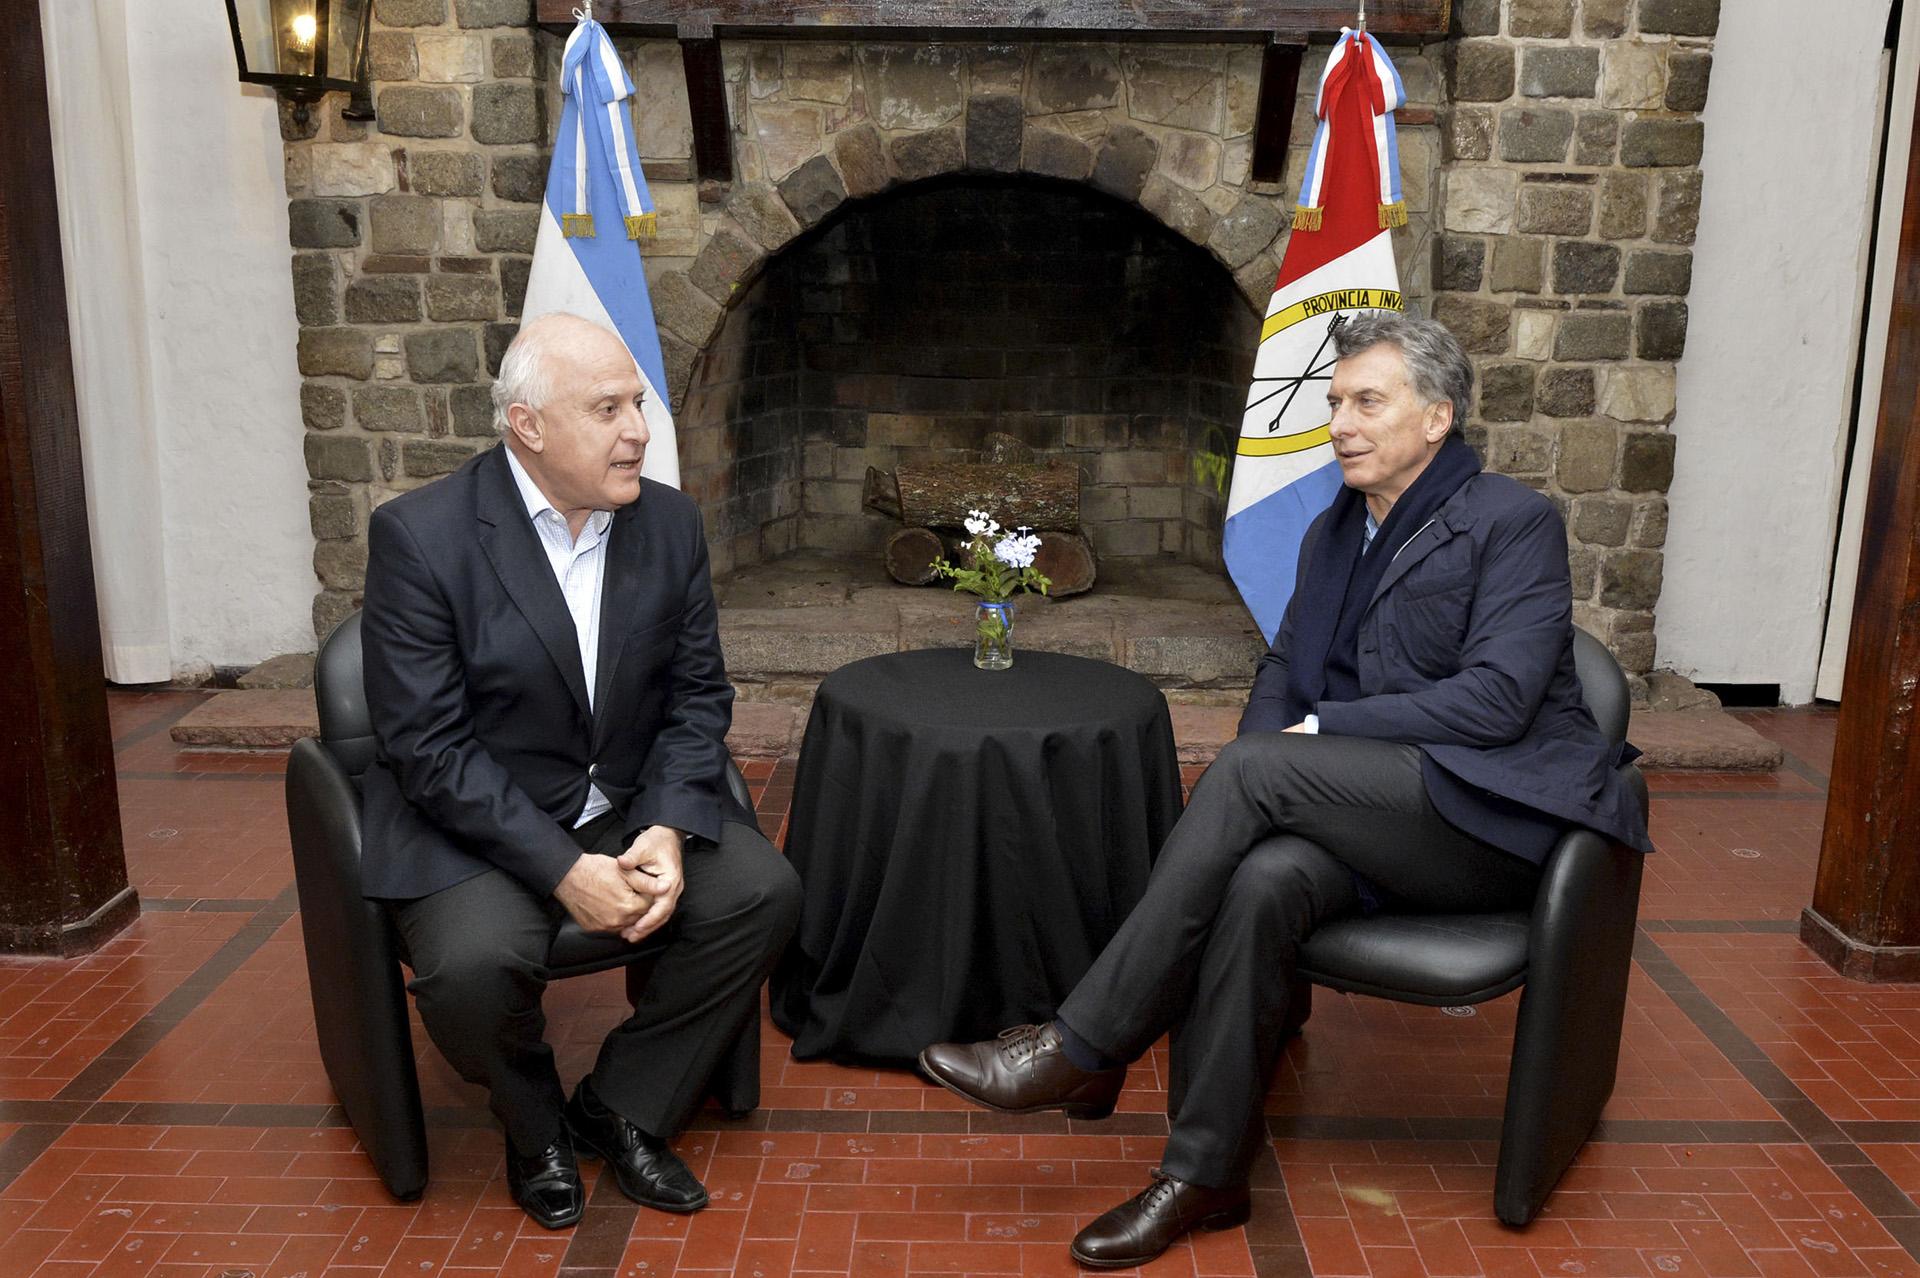 El presidente Mauricio Macri visitó la provincia de Santa Fe y se reunió hoy con el gobernador Miguel Lifschitz